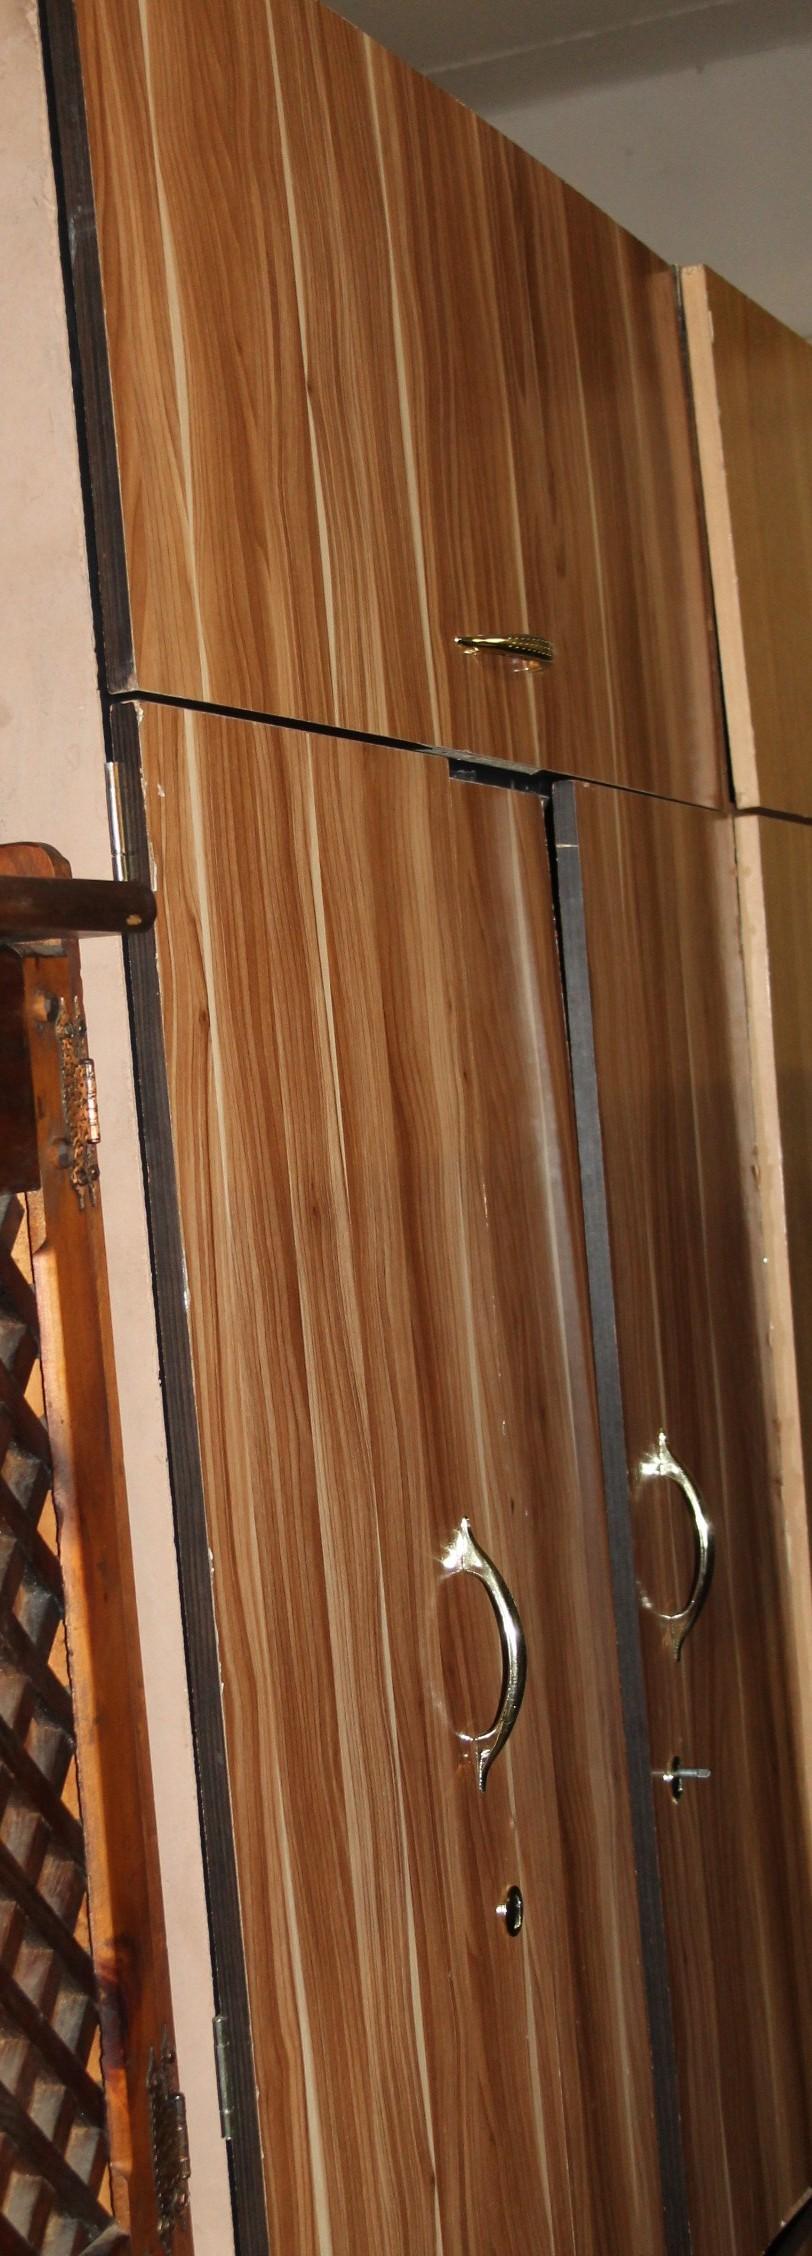 Oak wardrobe S028855a  #Rosettenvillepawnshop